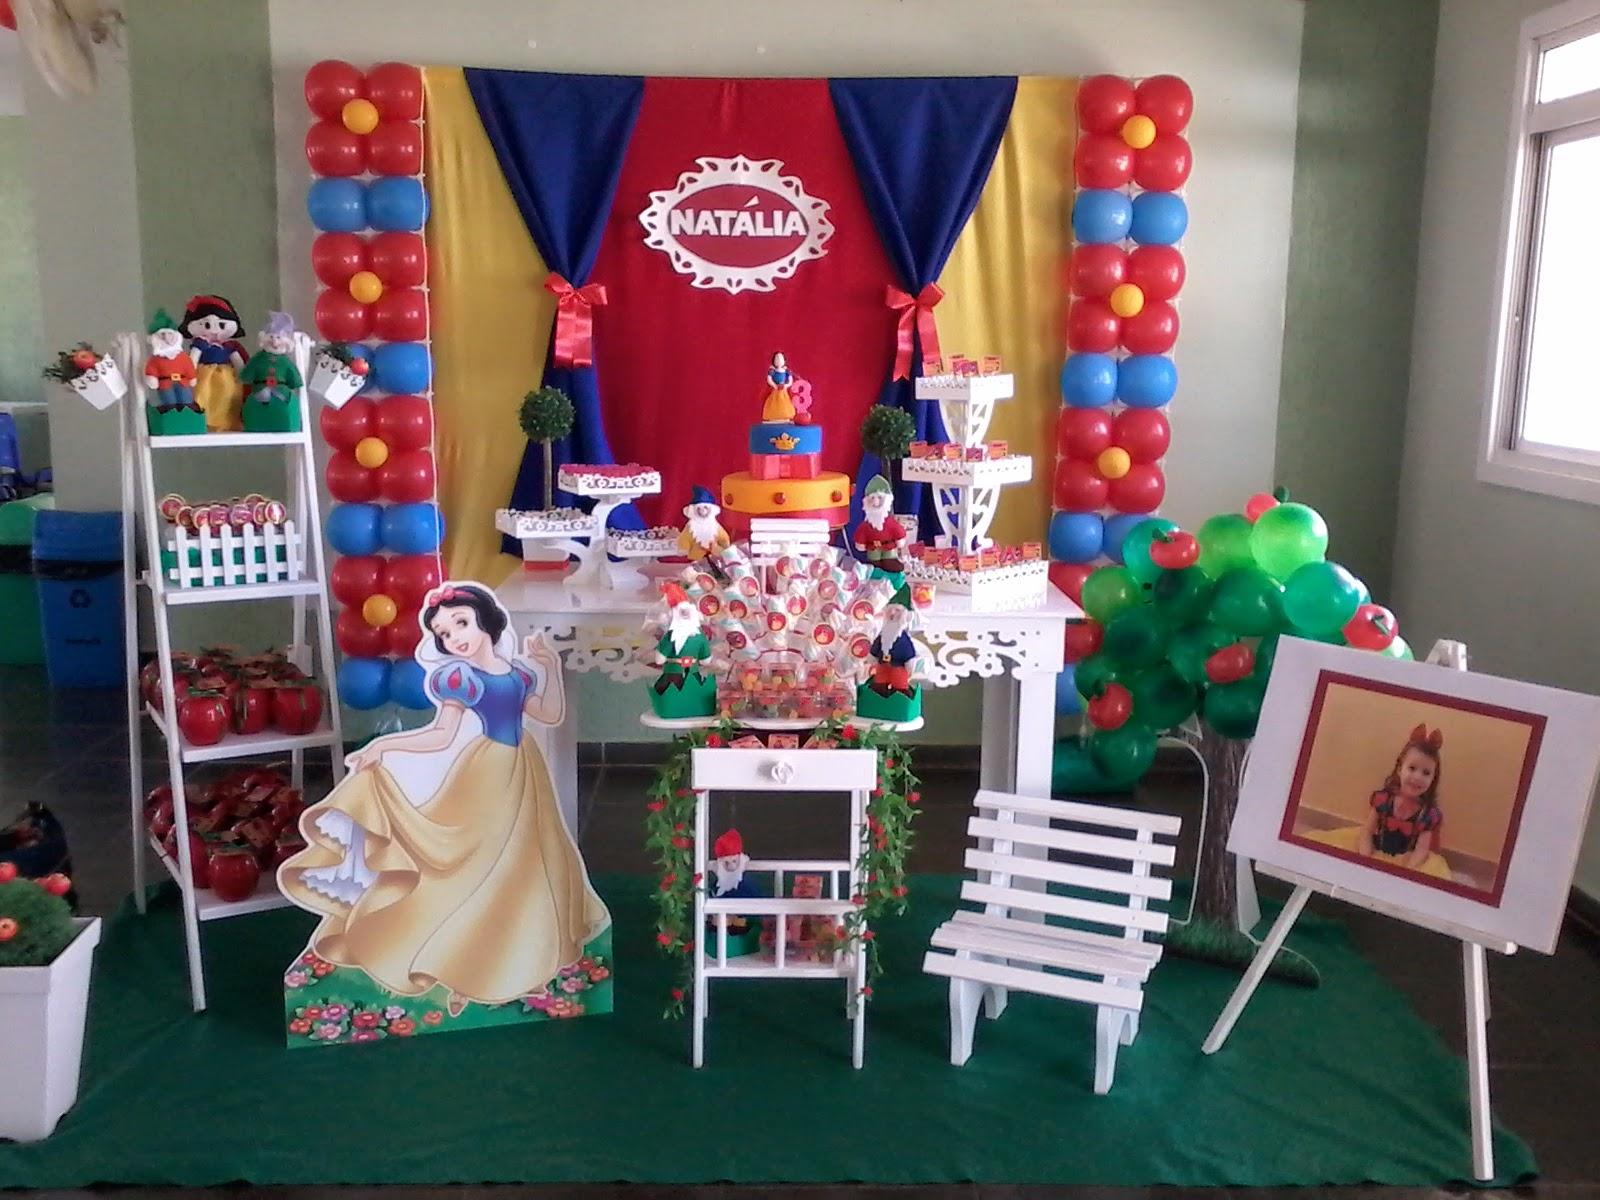 decoracao festa branca de neve provencal:painel em tecido foge do tradicional e valoriza o nome da criança